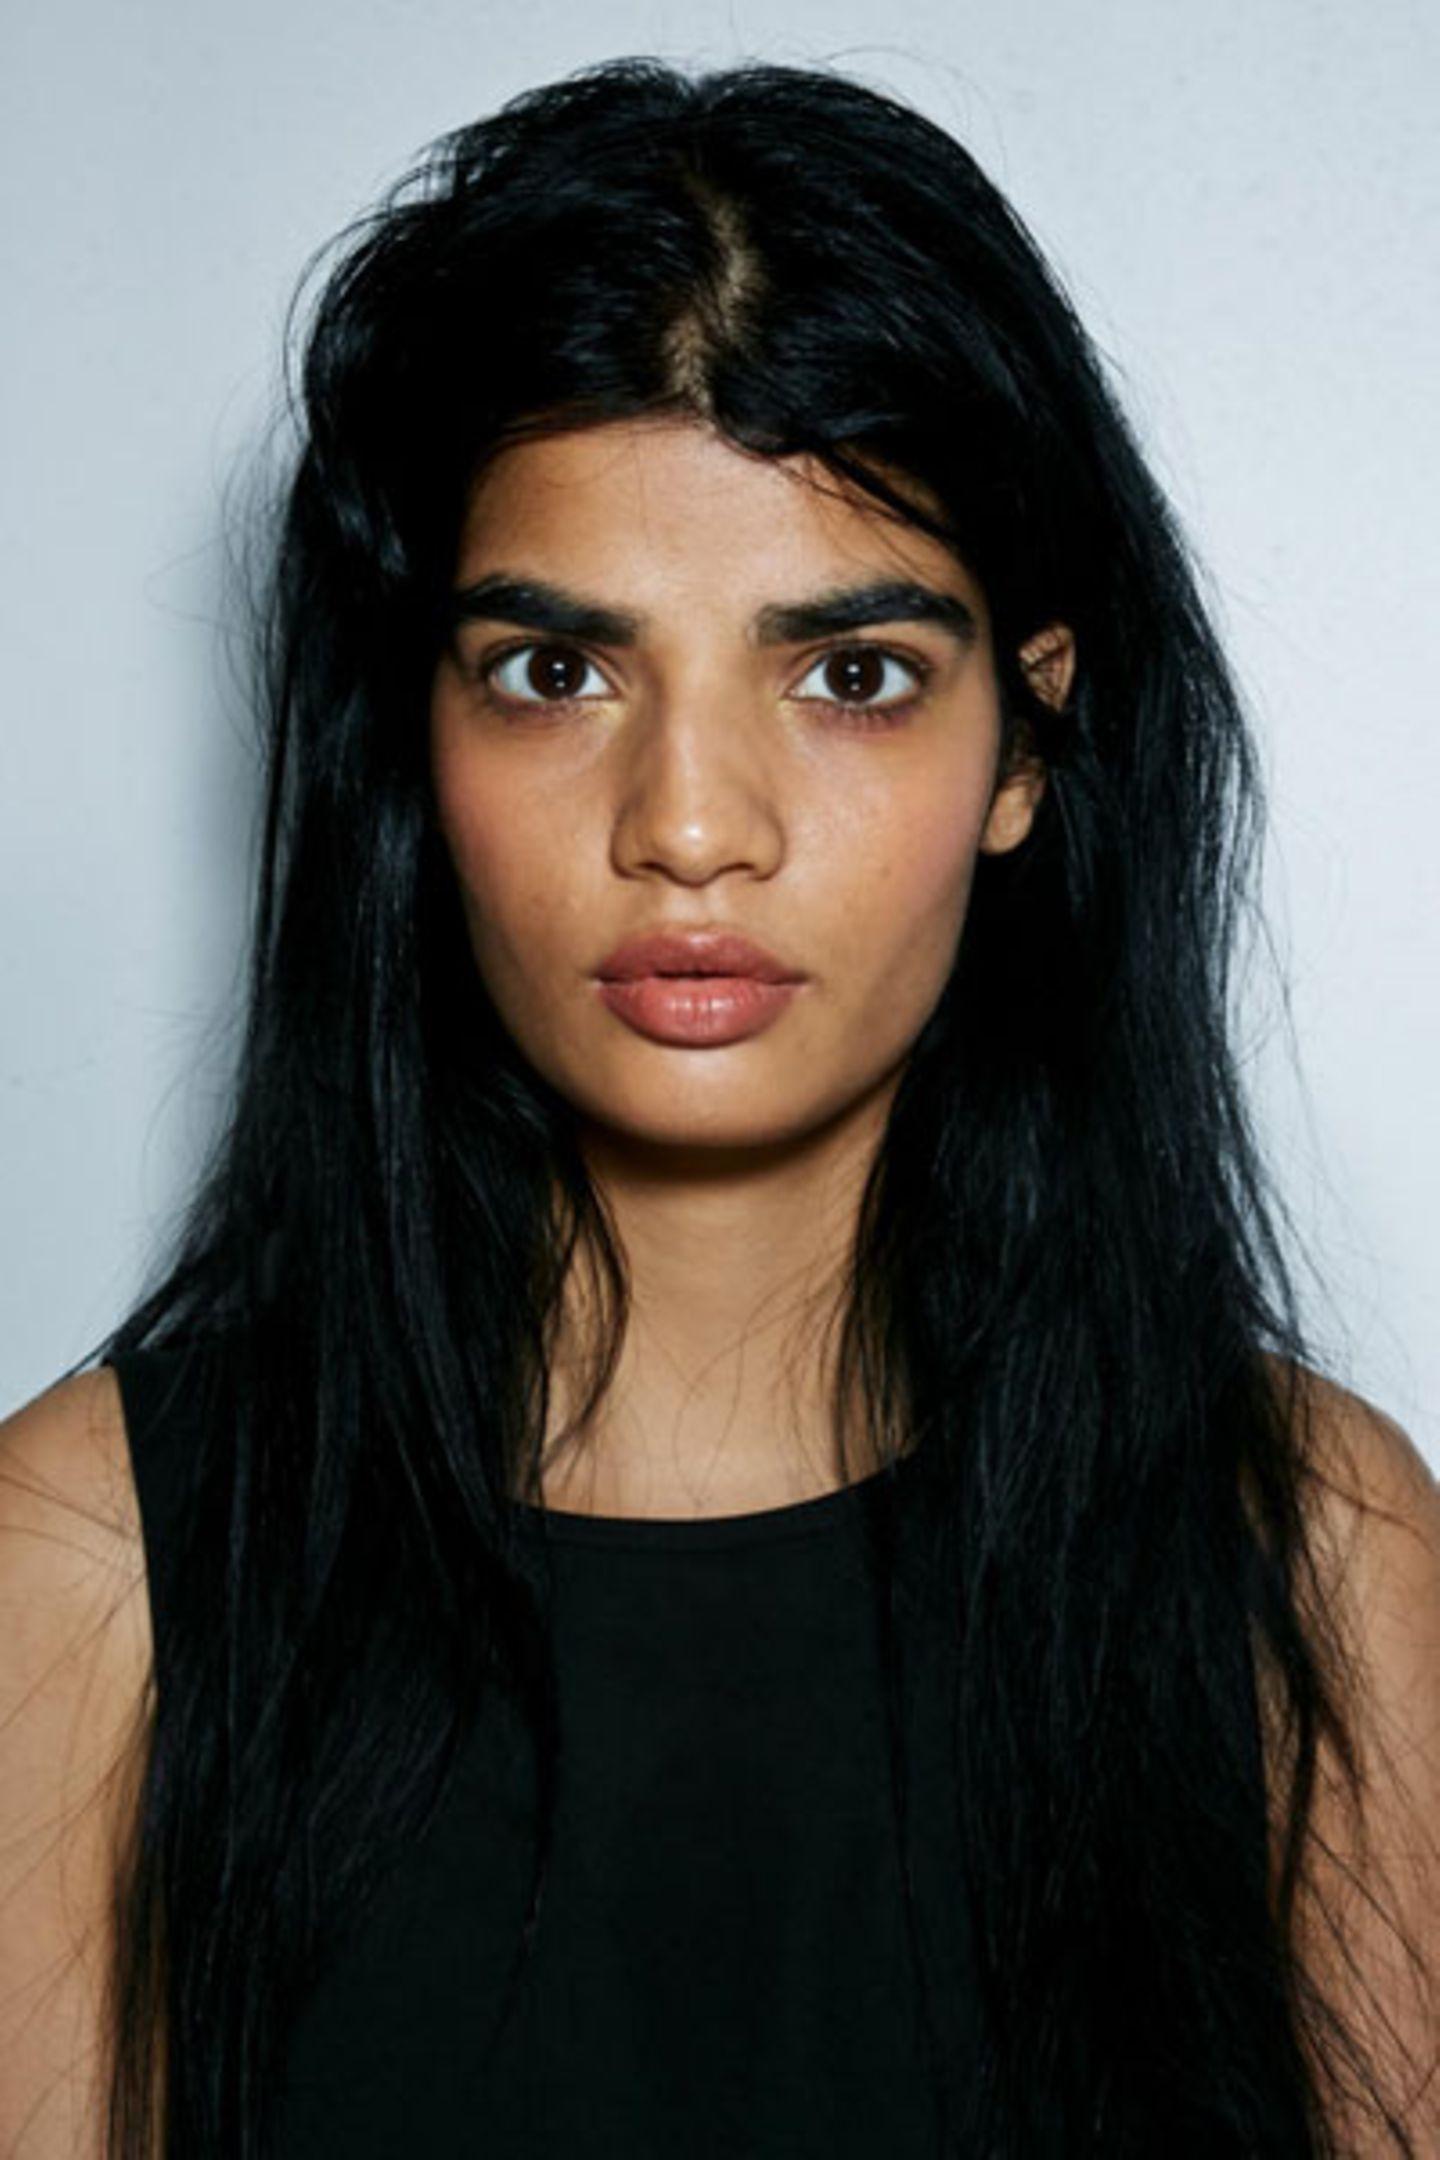 Frisuren für eckige Gesichter - die schönsten Schnitte und besten Tipps